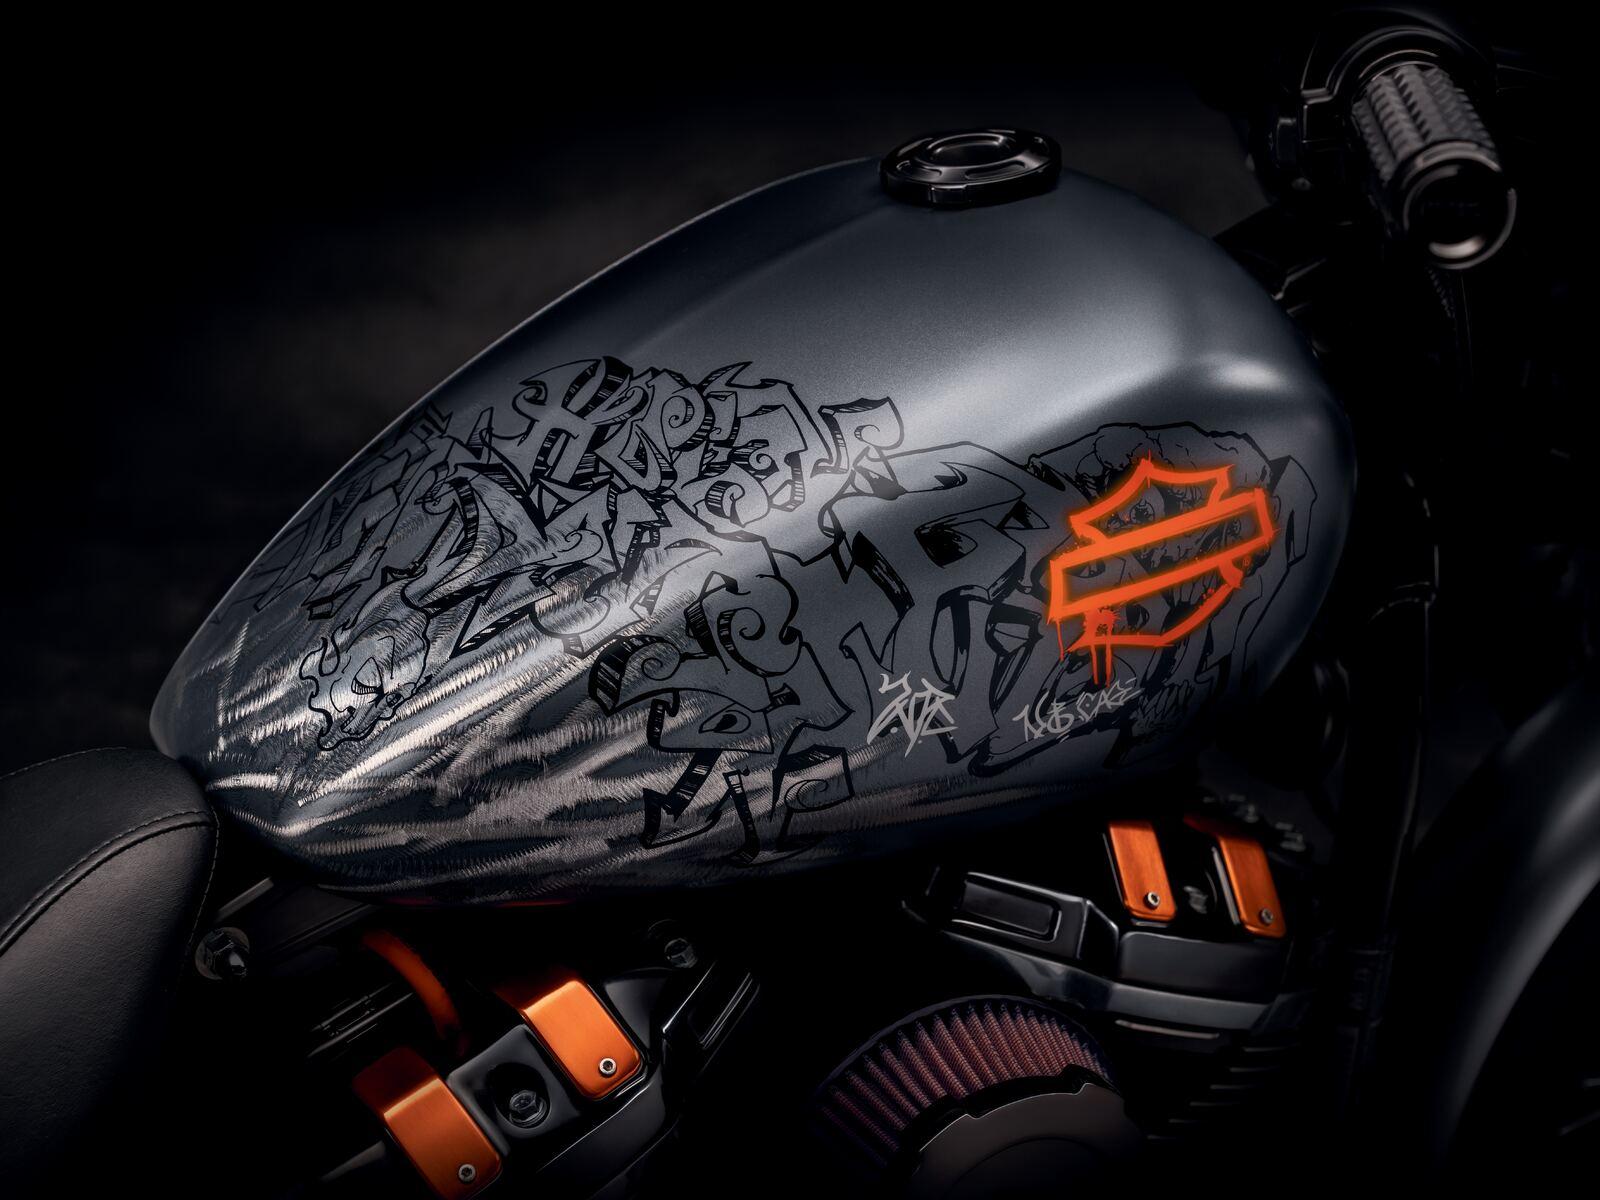 harley-davidson-grey-black-bike-tank-8k-9a.jpg